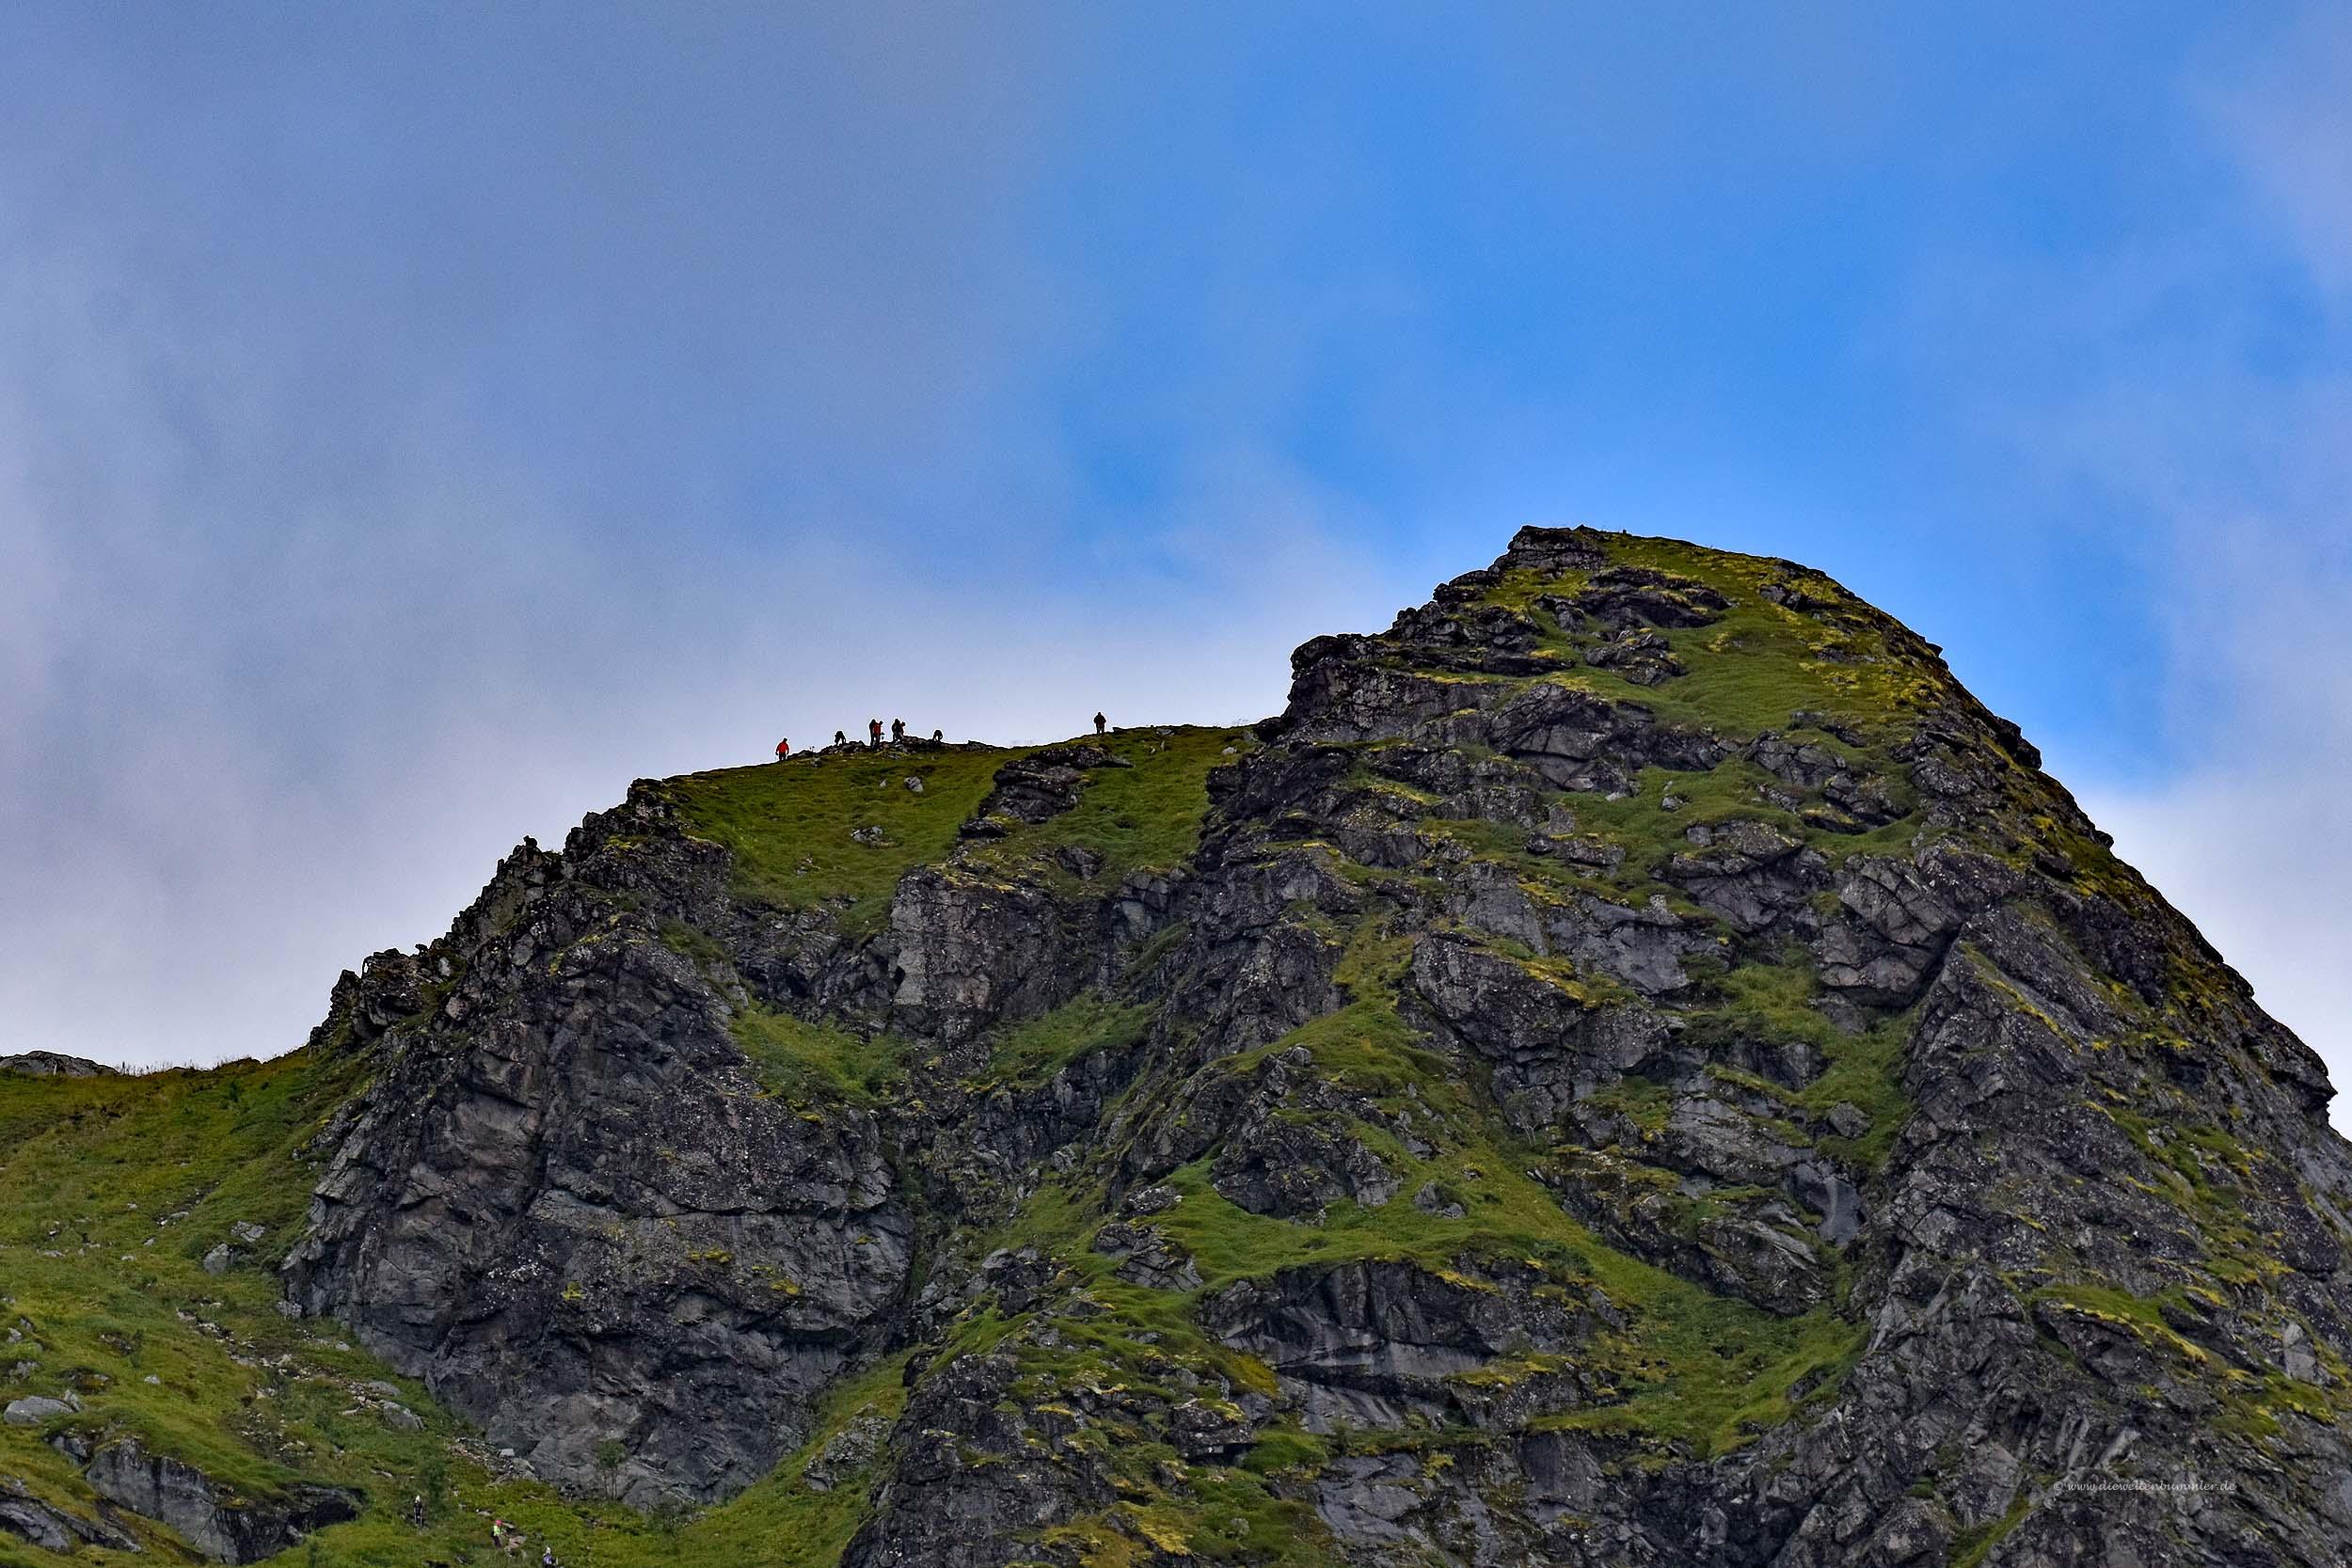 Dort oben sind Wanderer